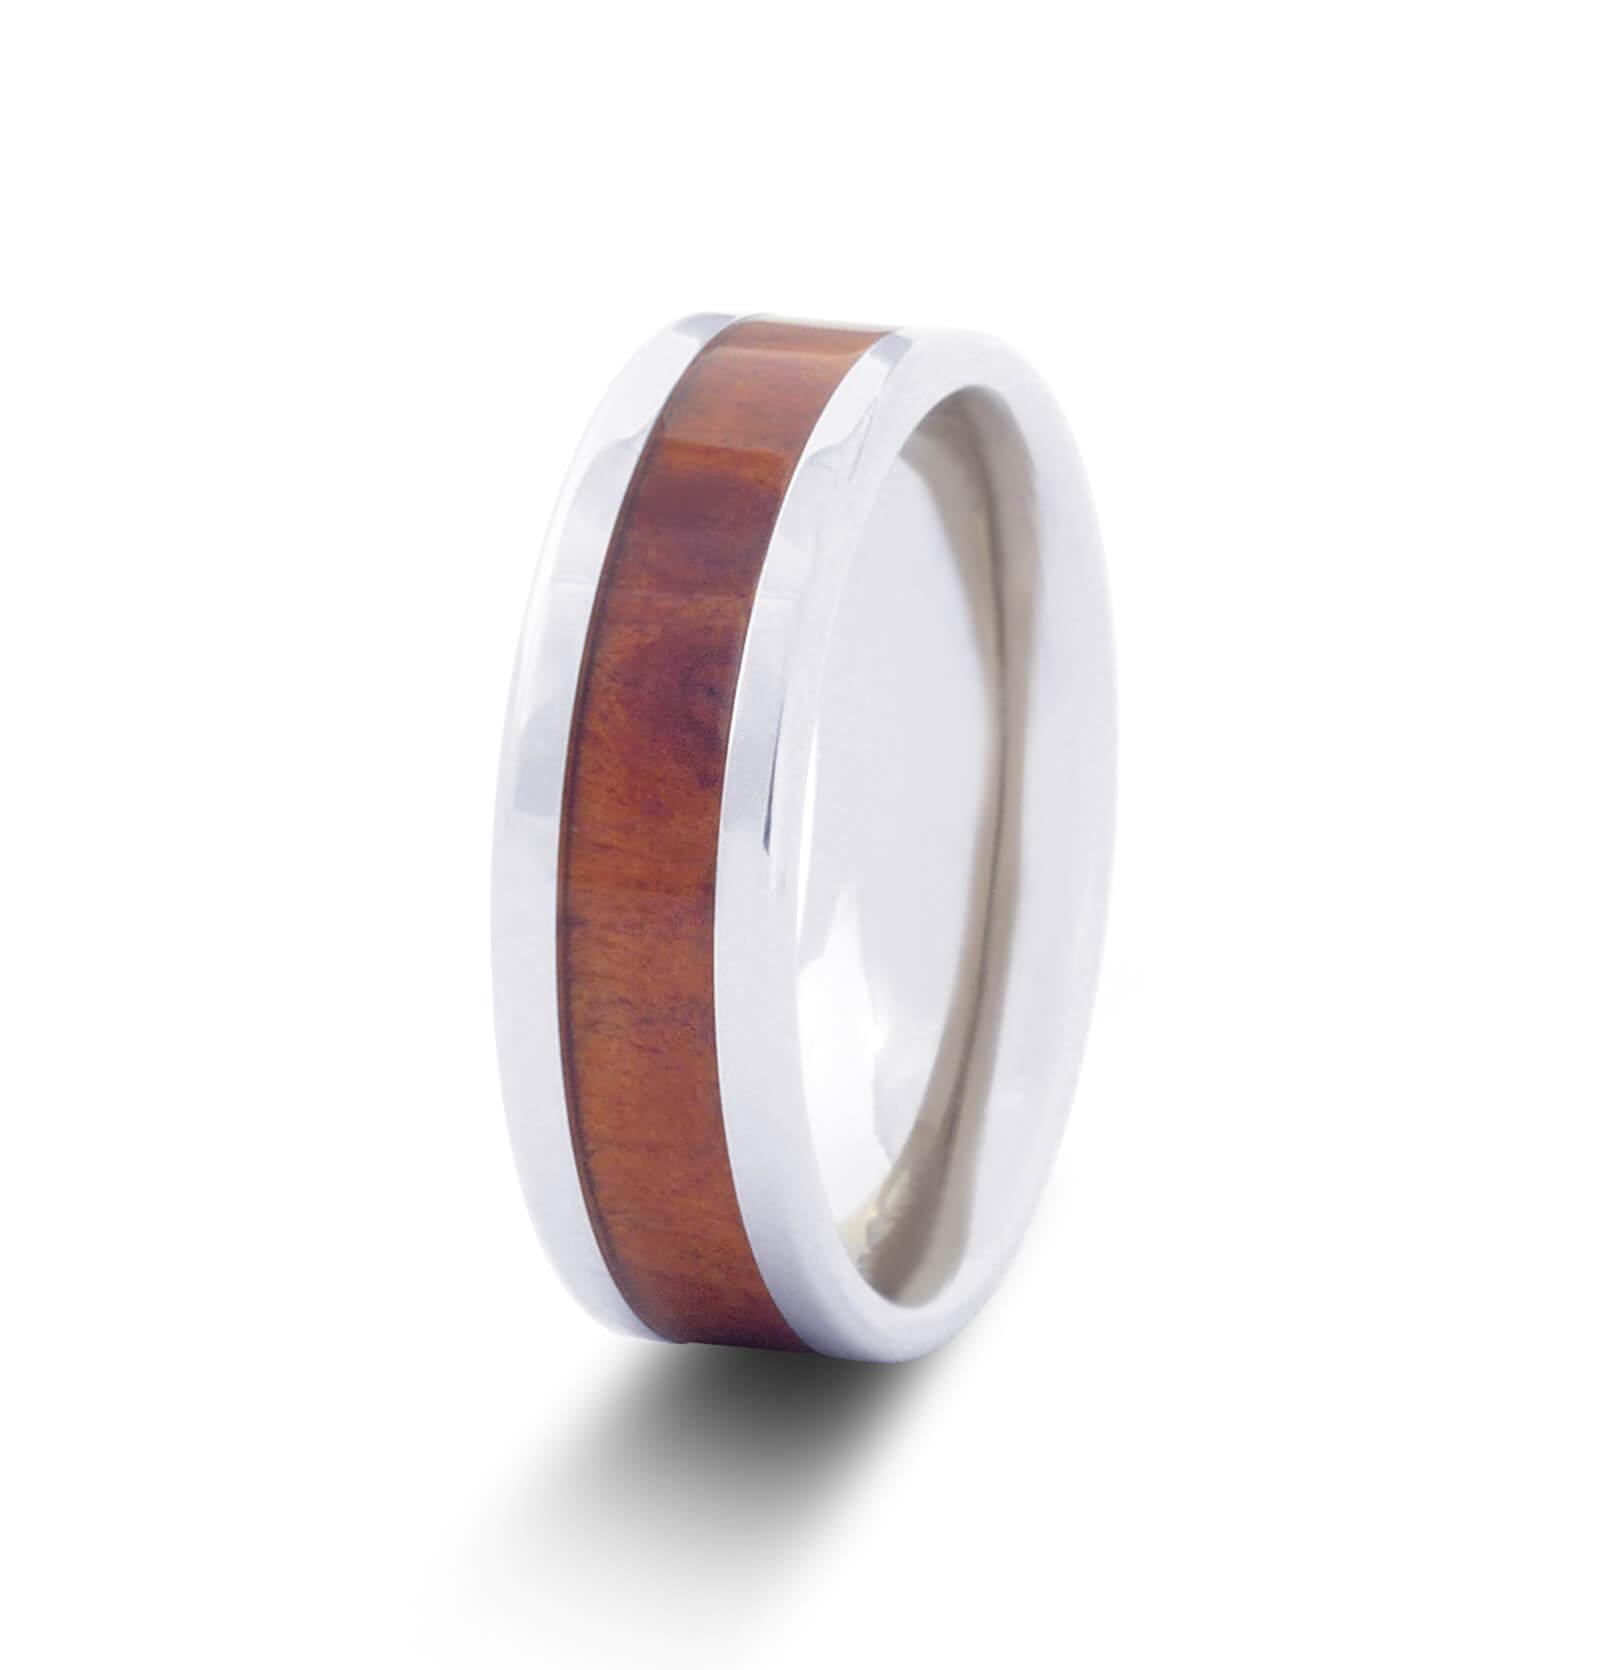 koa-wood-rings-1.jpg